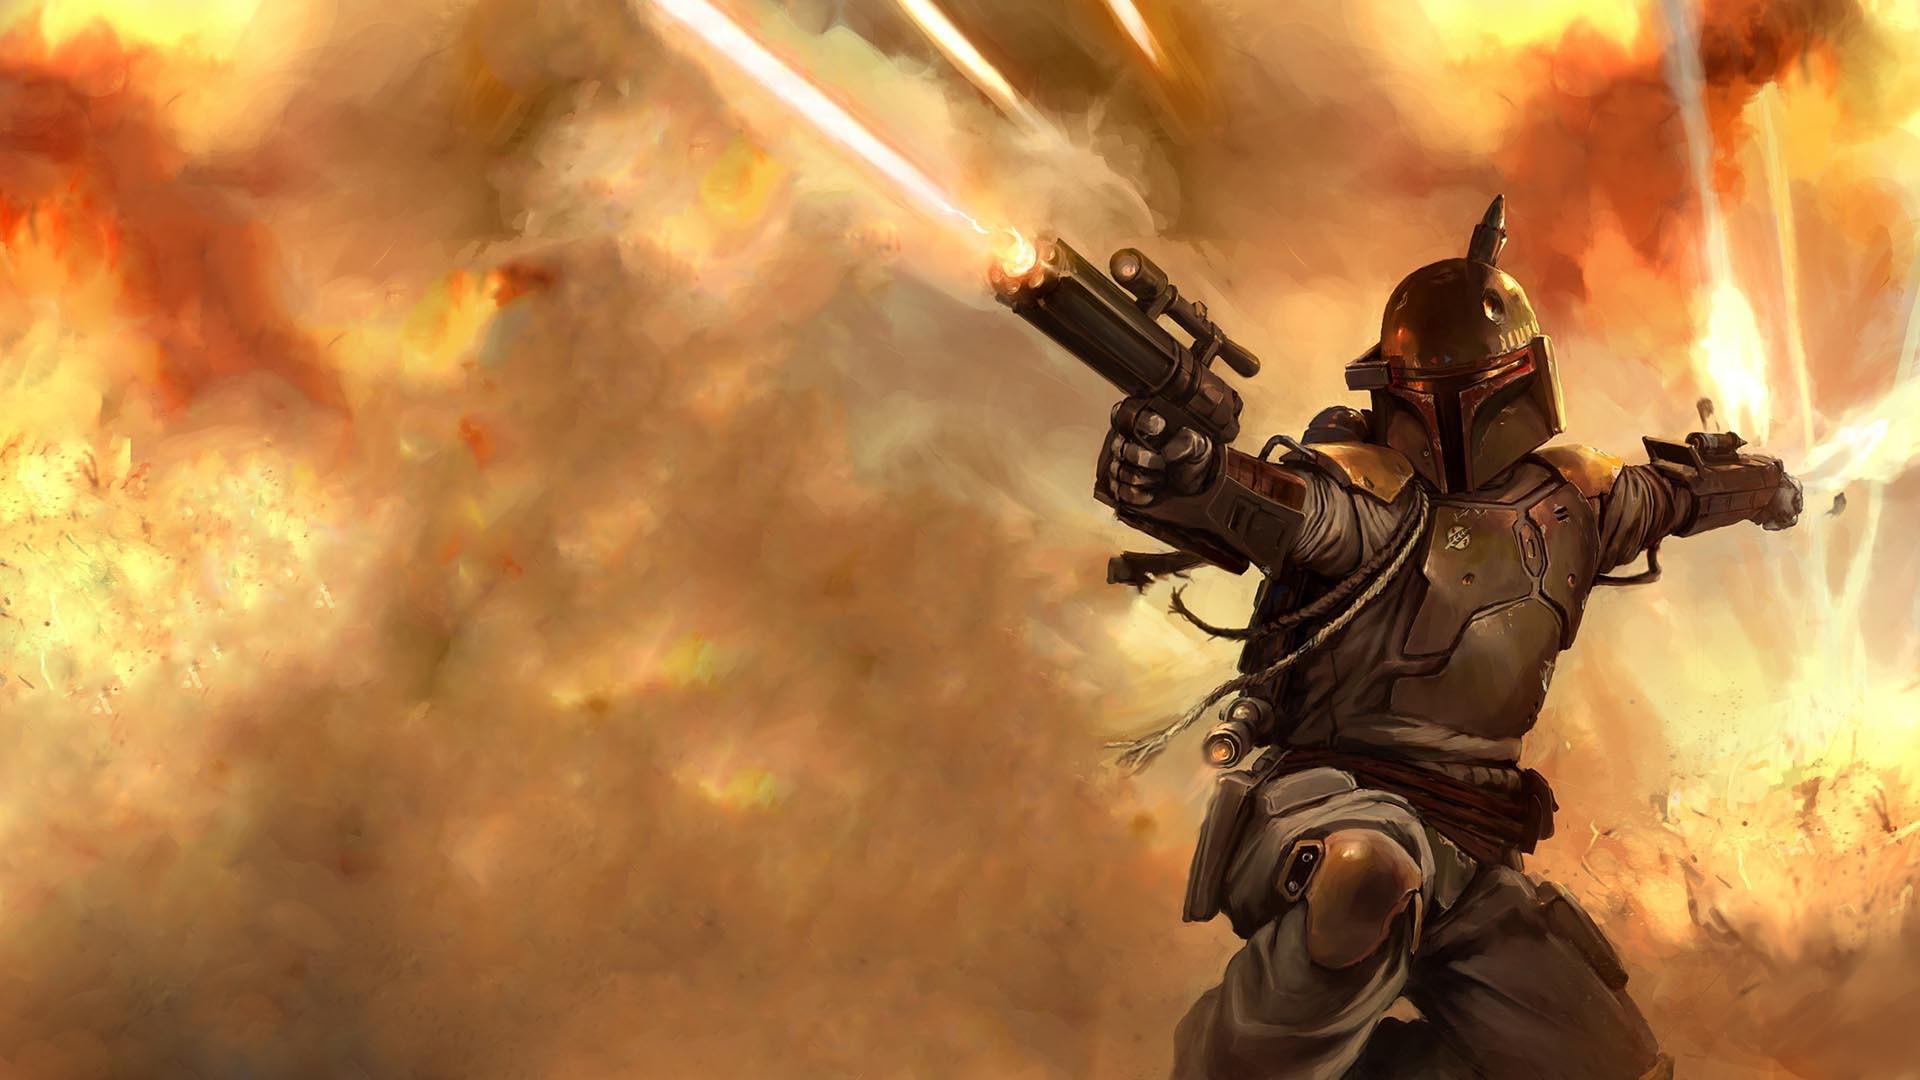 Badass-Star-Wars-Wallpapers-10-by-jorbiscrondy-2